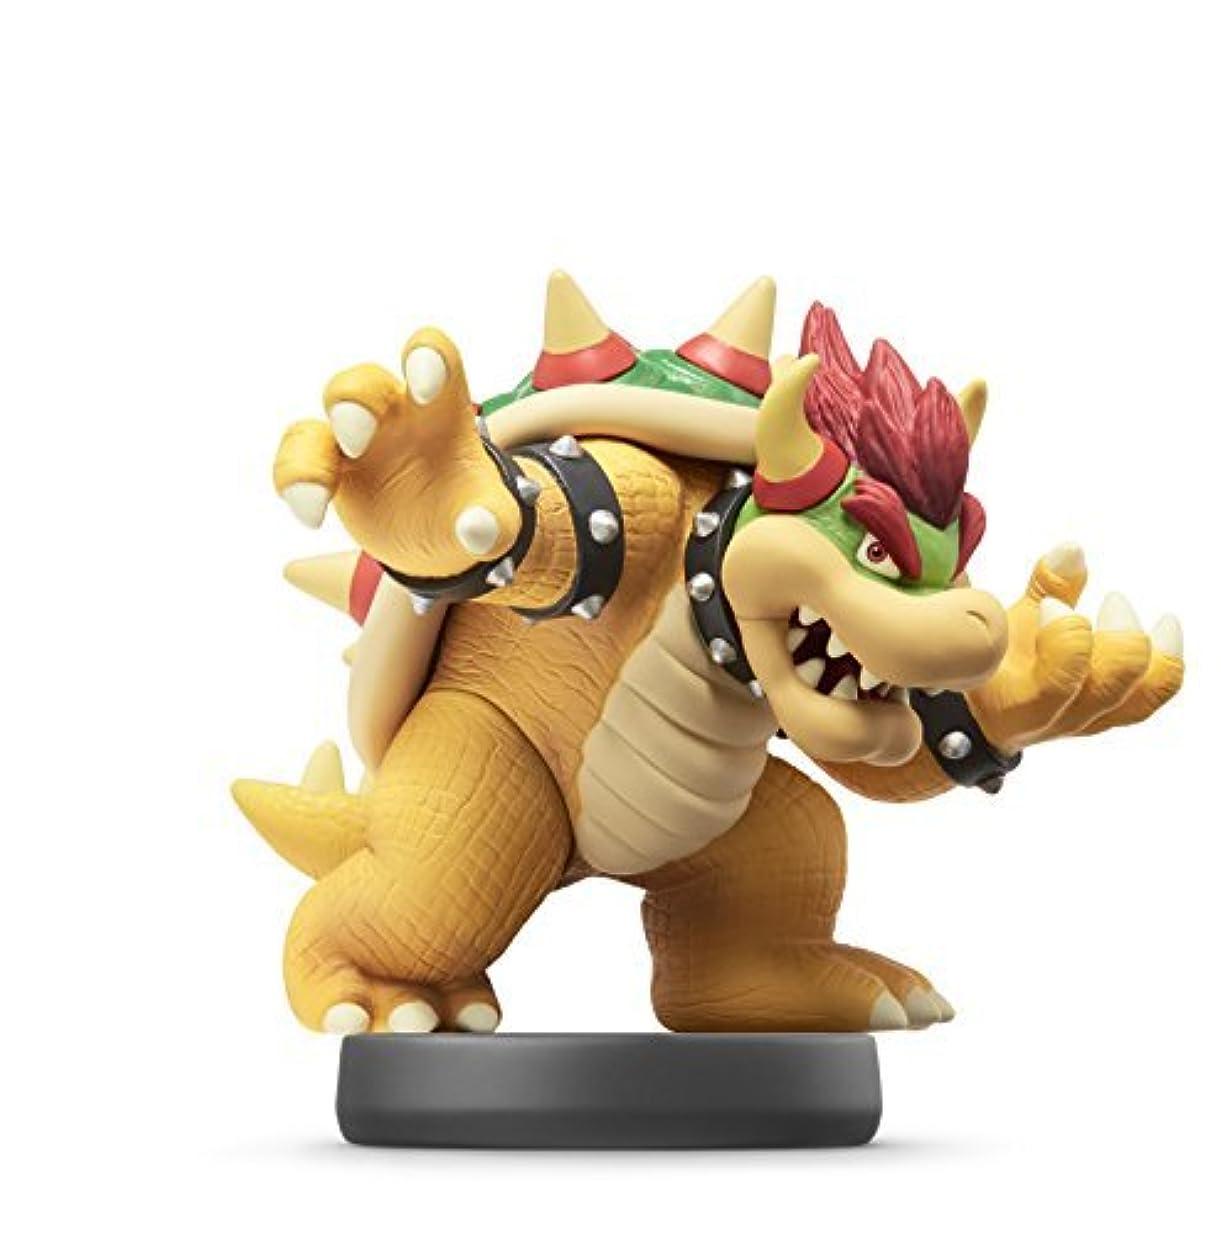 拡散する心理的にご飯Bowser amiibo (Super Smash Bros Series) by Nintendo [並行輸入品]